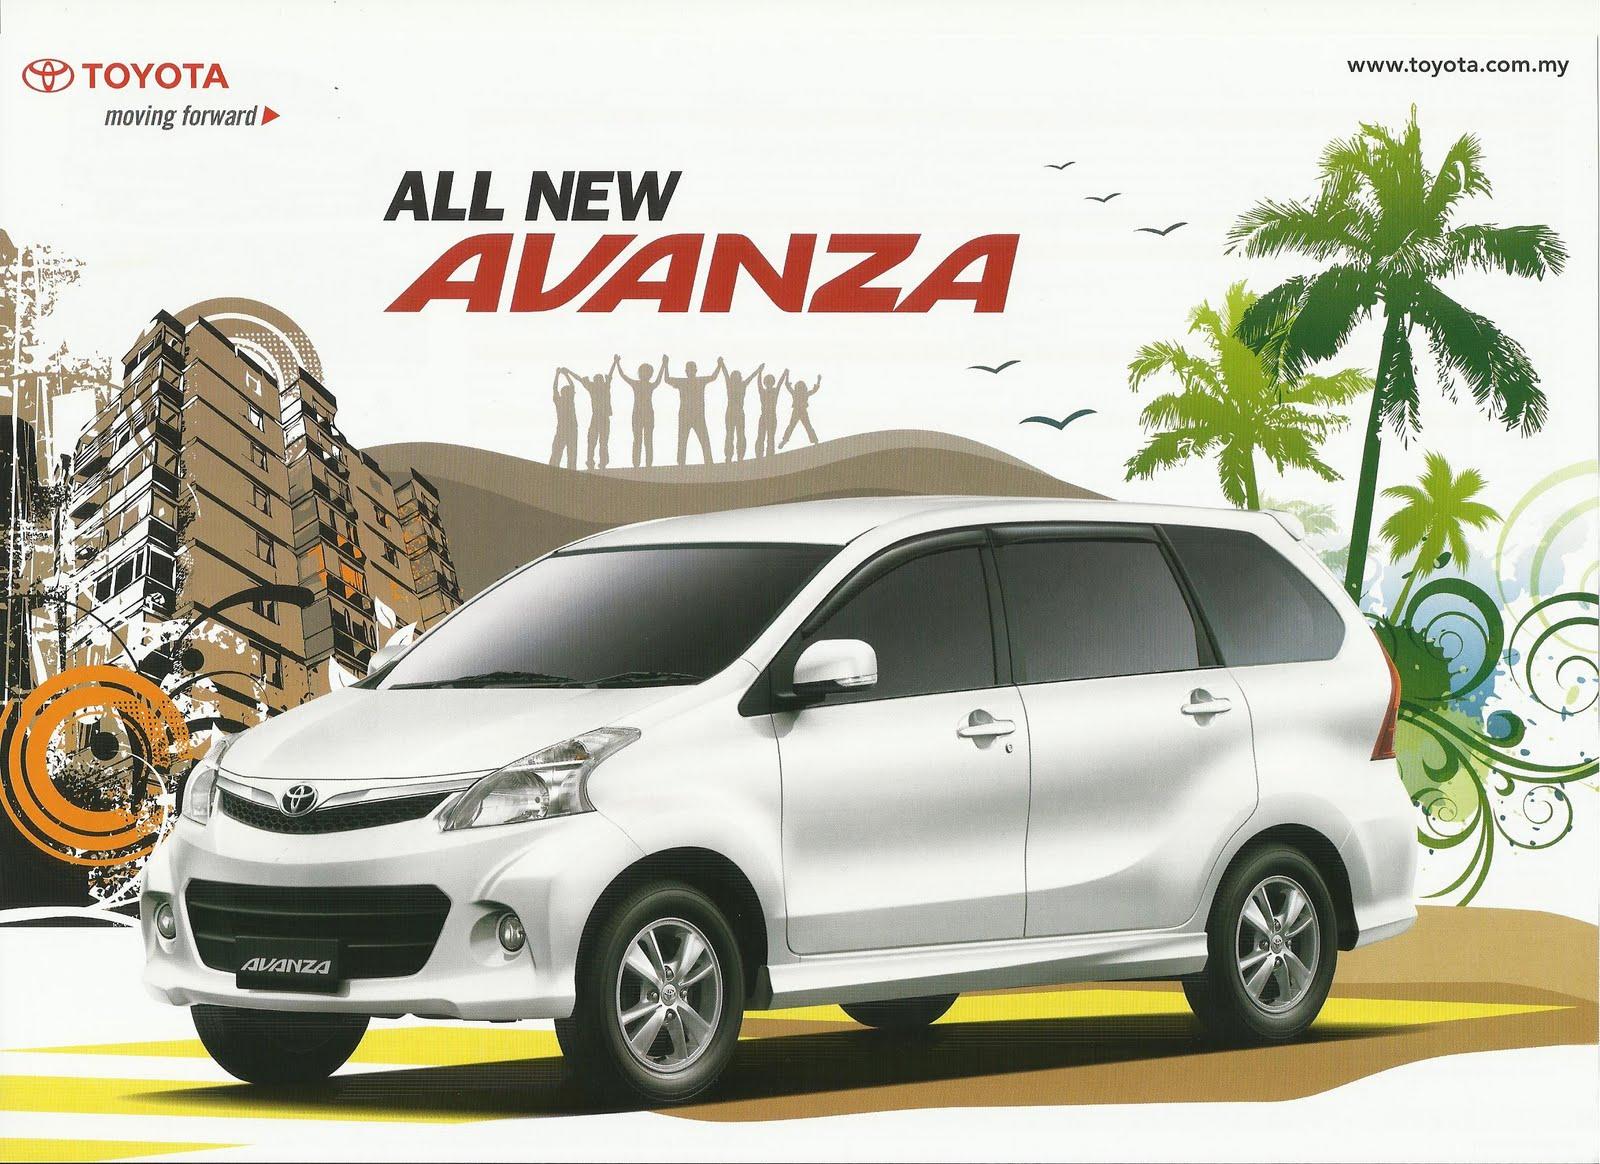 Iklan Promo Seluruh Indonesia  Jual Mobil Toyota Harga Promo Berbagai Tipe Di Gorontalo